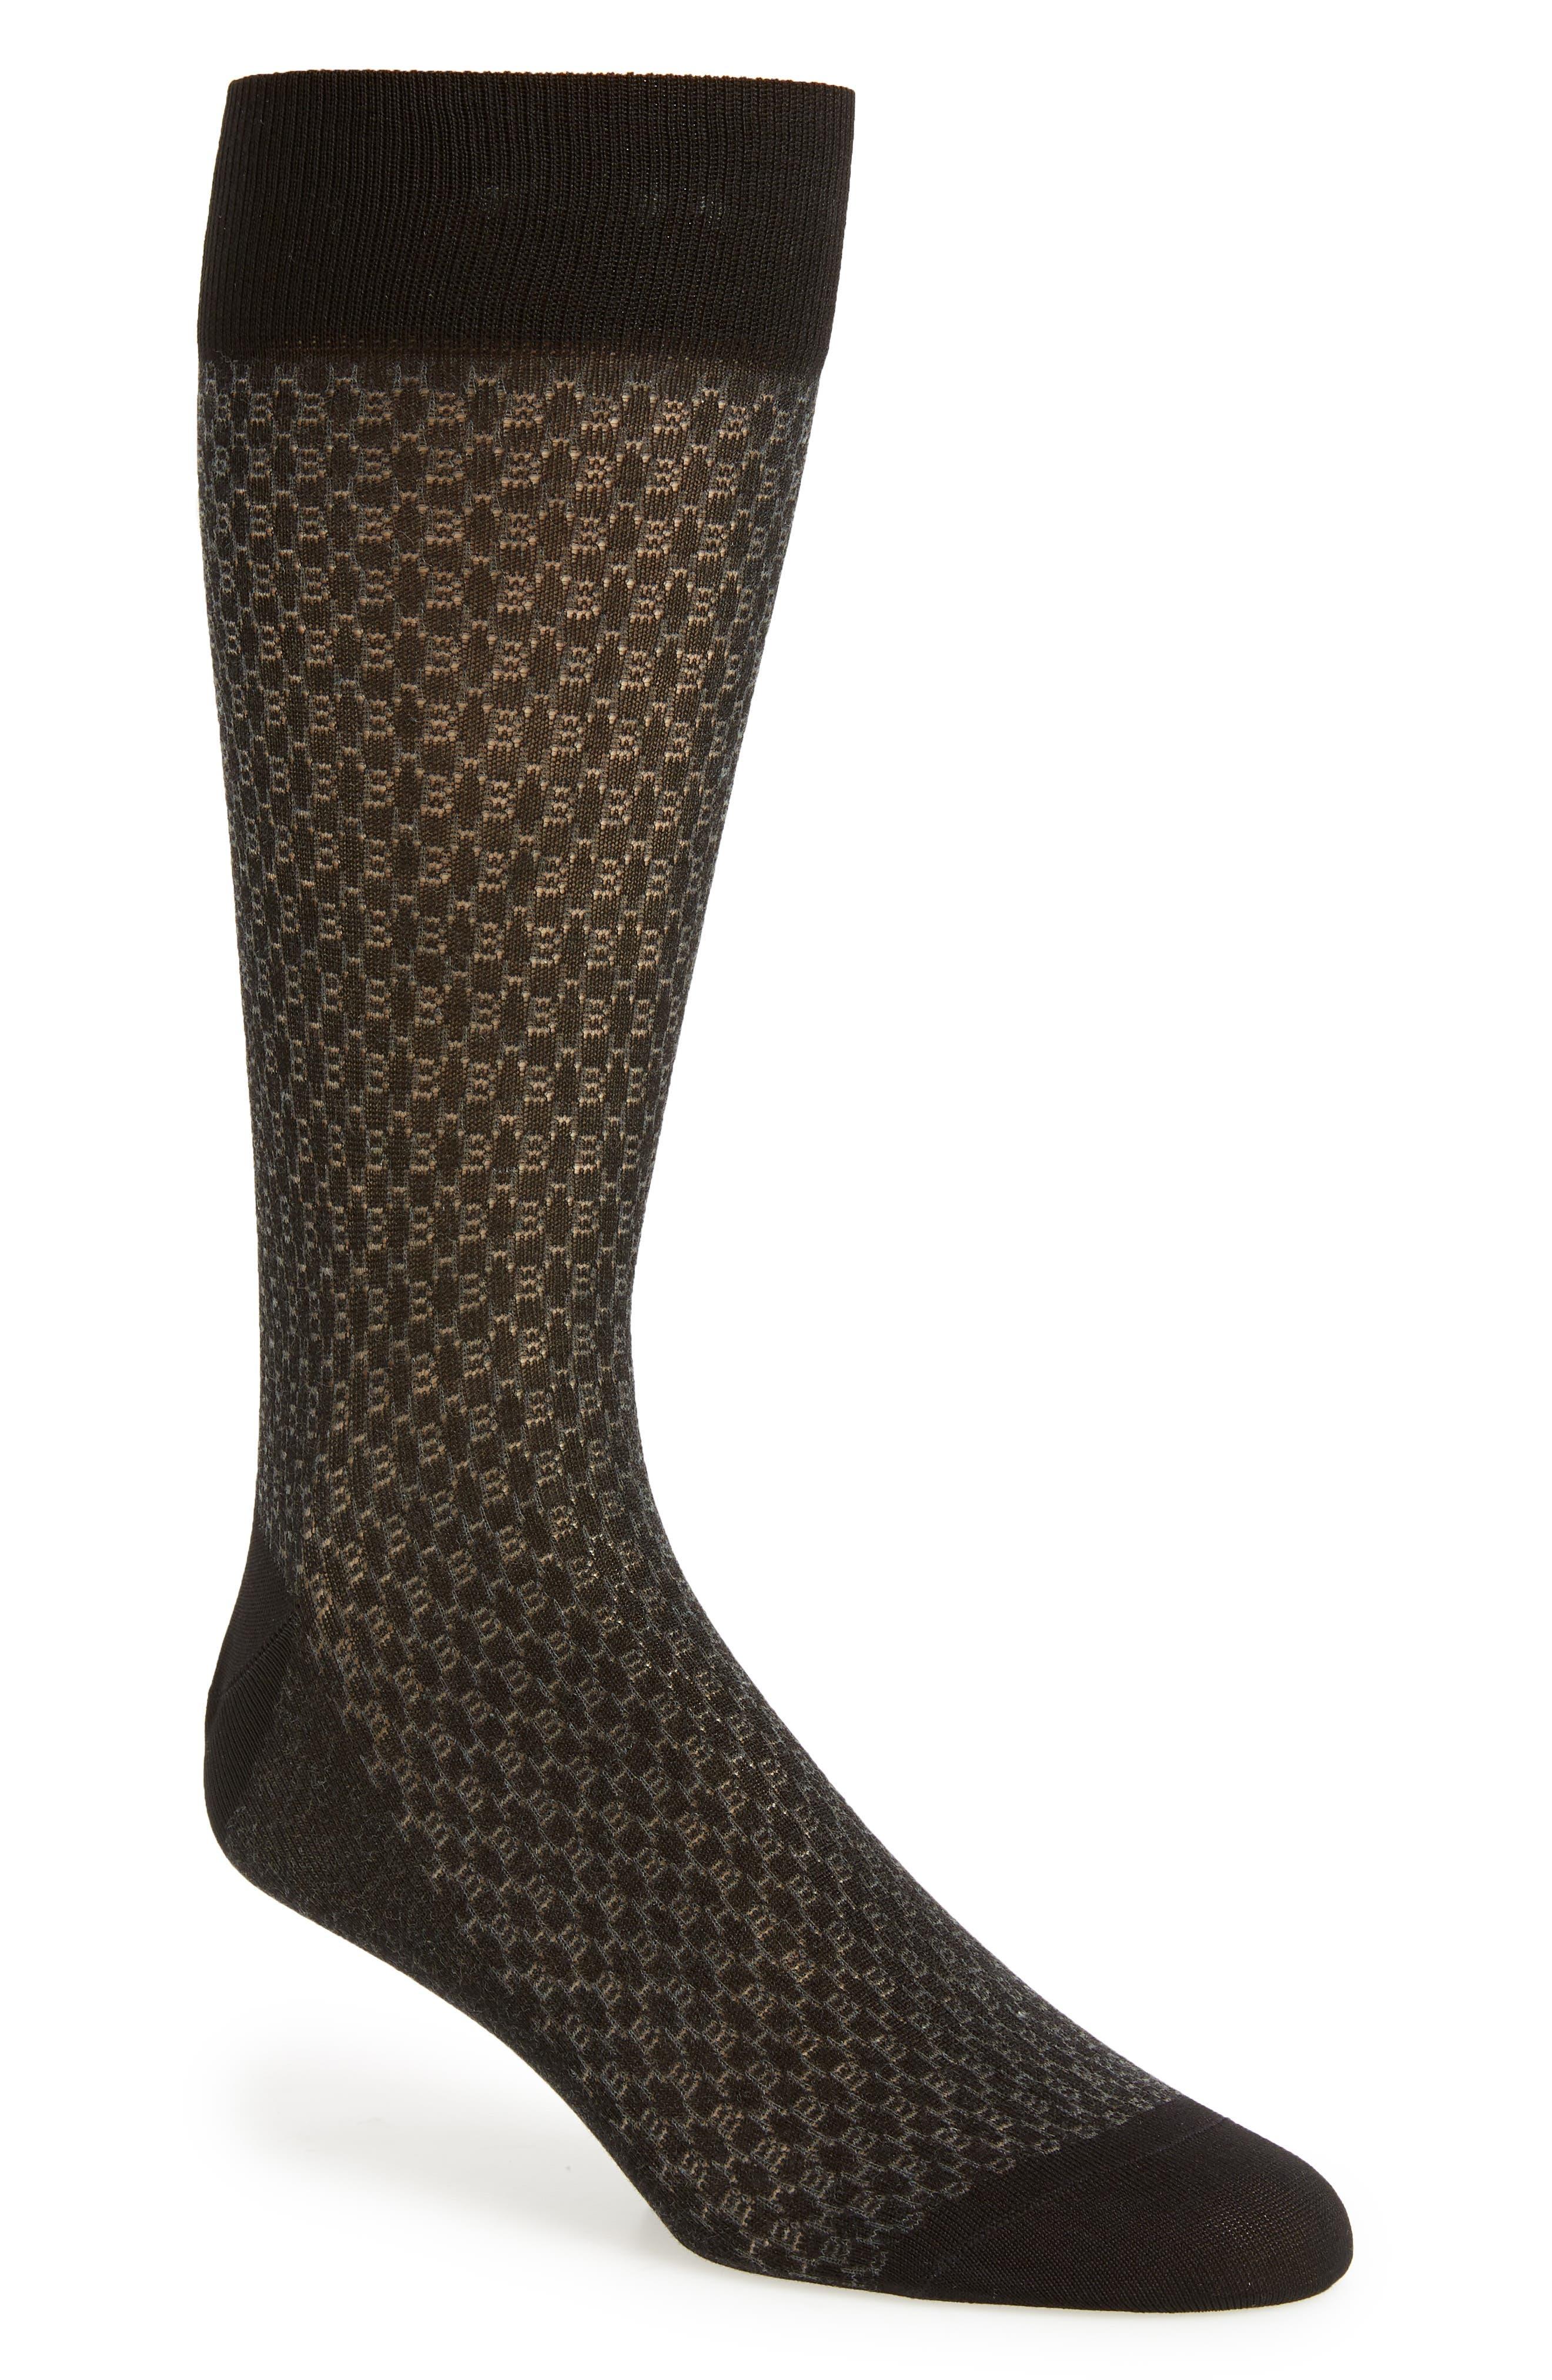 Geometric Socks,                             Main thumbnail 1, color,                             BLACK